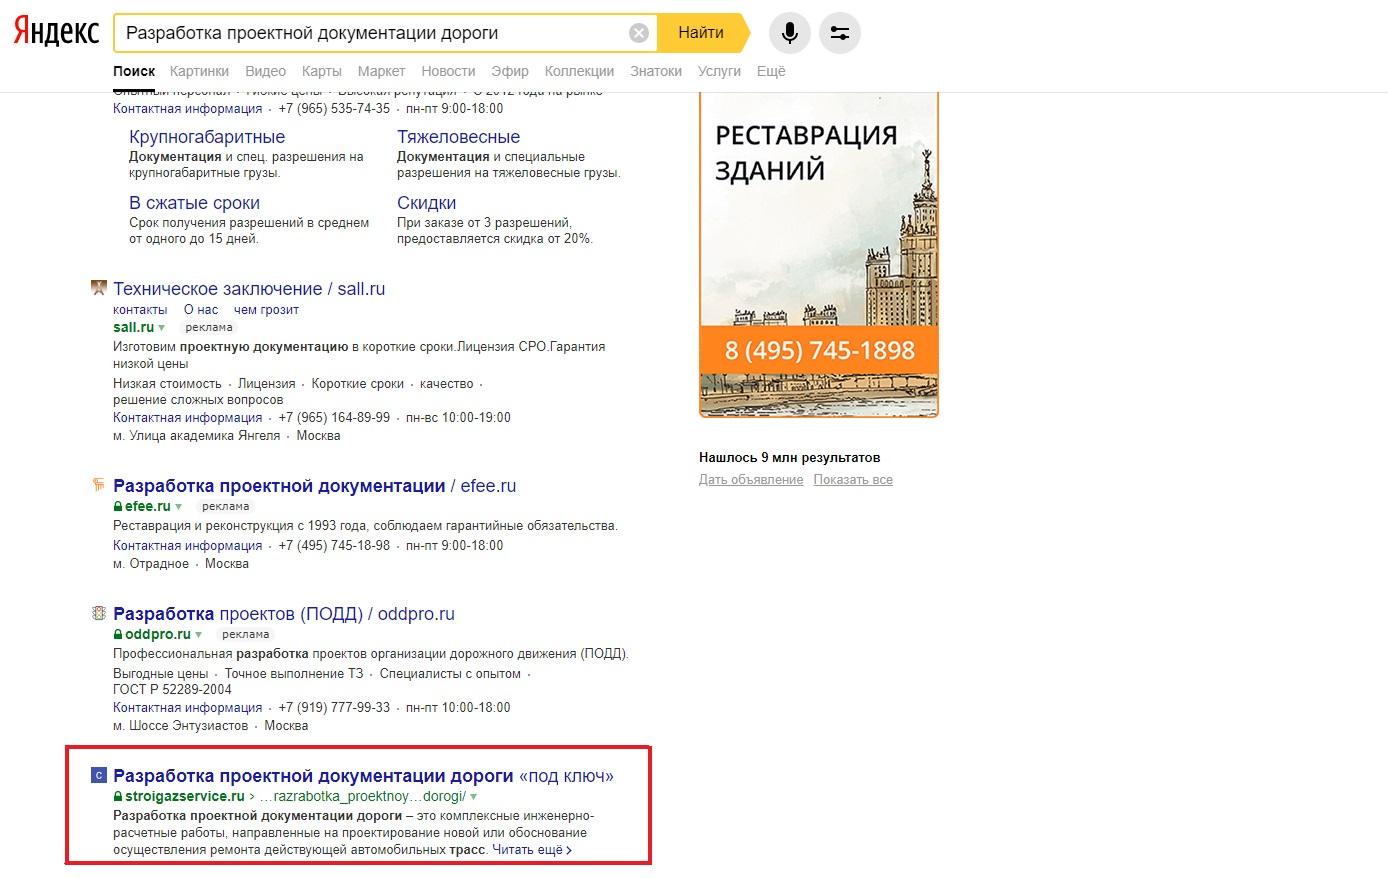 """ТОП-1 по запросу """"разработка проектной документации дороги"""""""